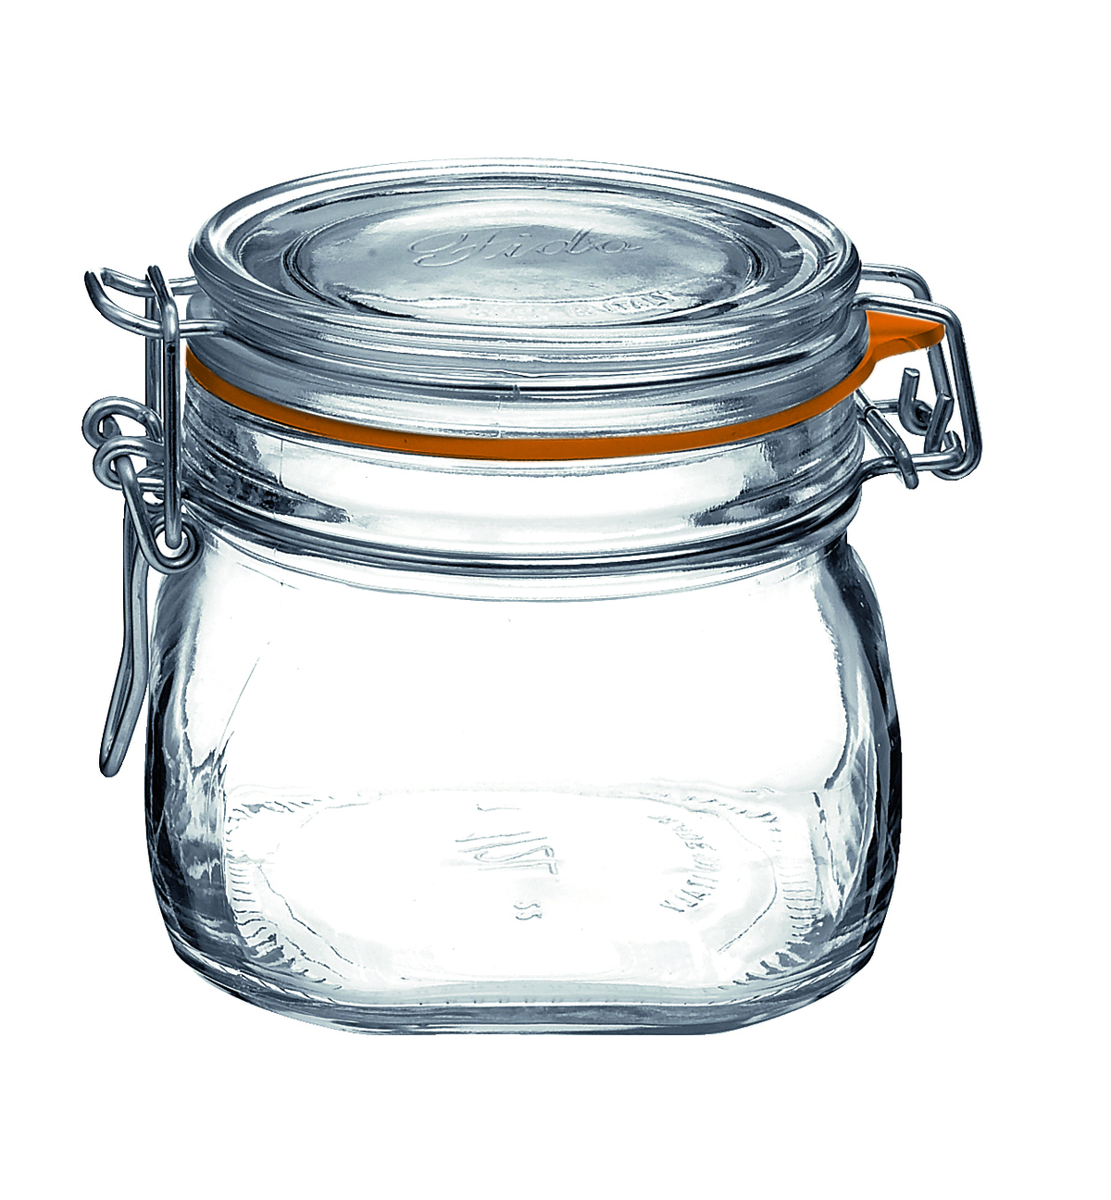 Bocal avec couvercle hermétique rond transparent verre Ø 10,60 cm Fido Bormioli Rocco